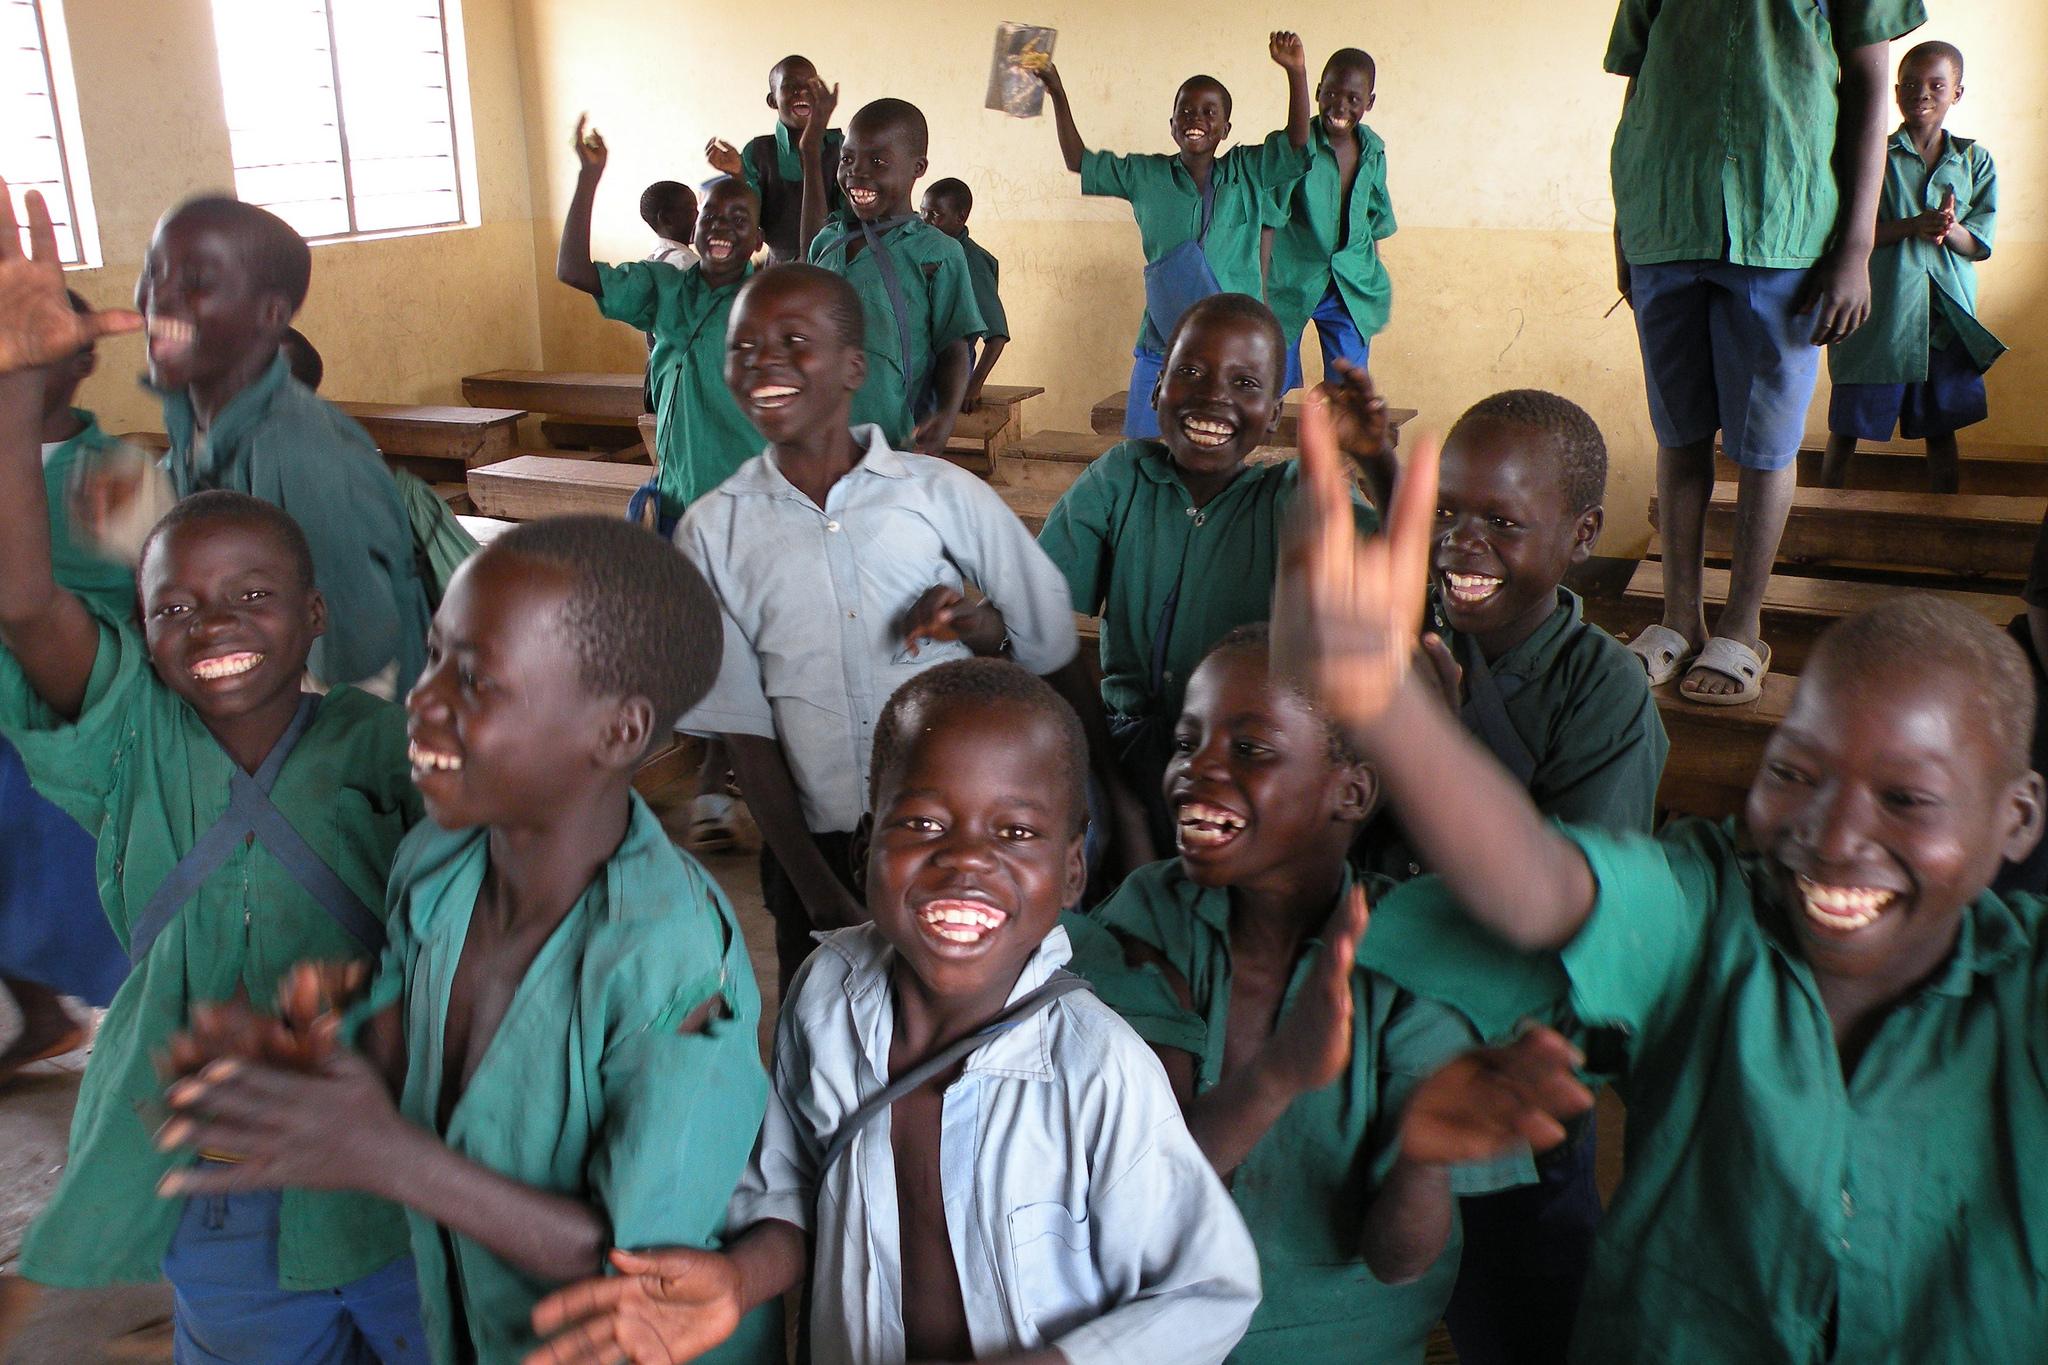 Friendly African children